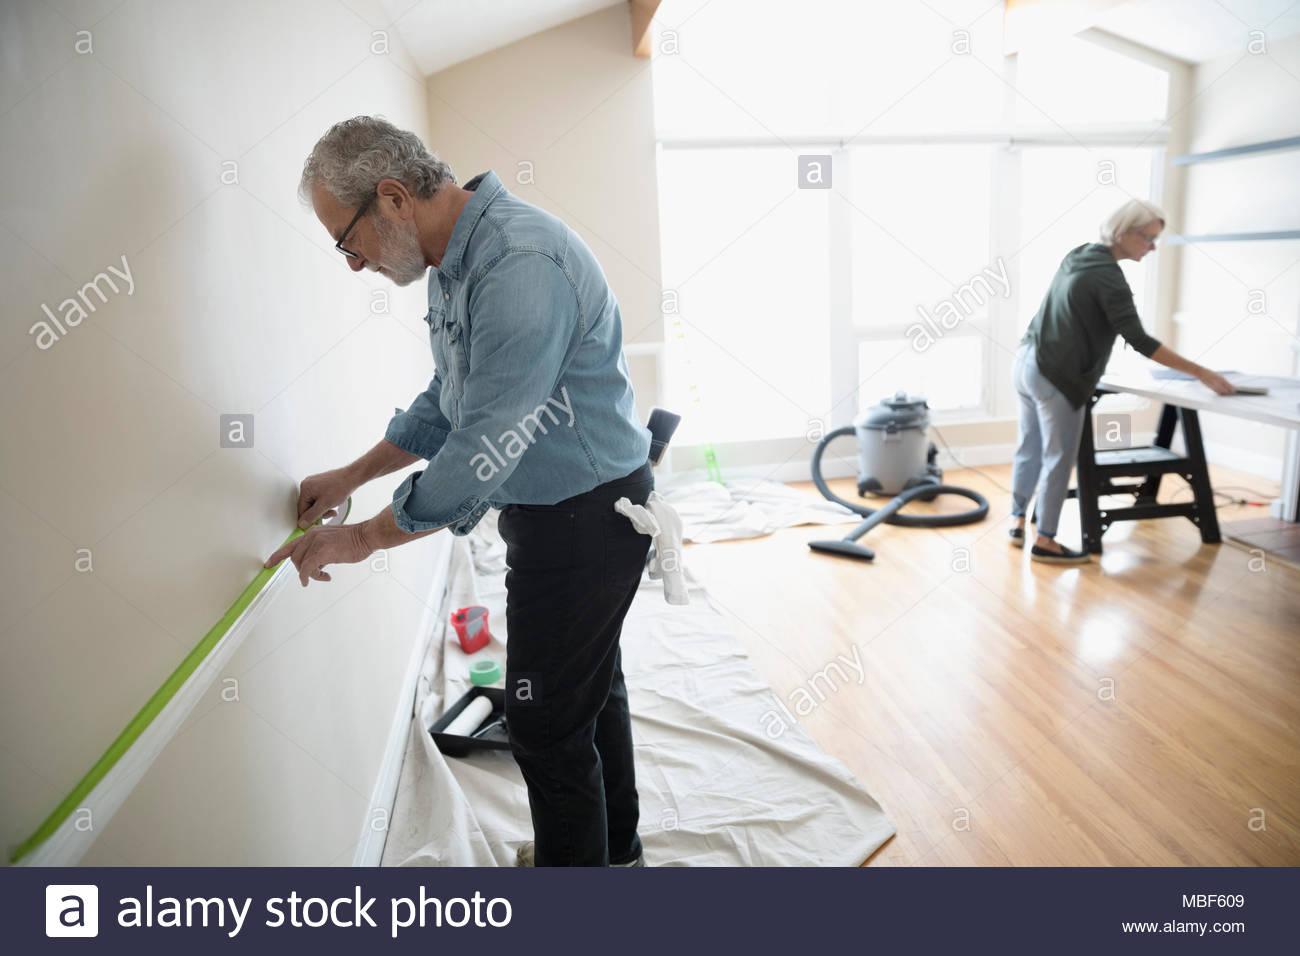 Man taping, préparation pour le rail de chaise de peinture dans la salle de séjour, bricolage Photo Stock